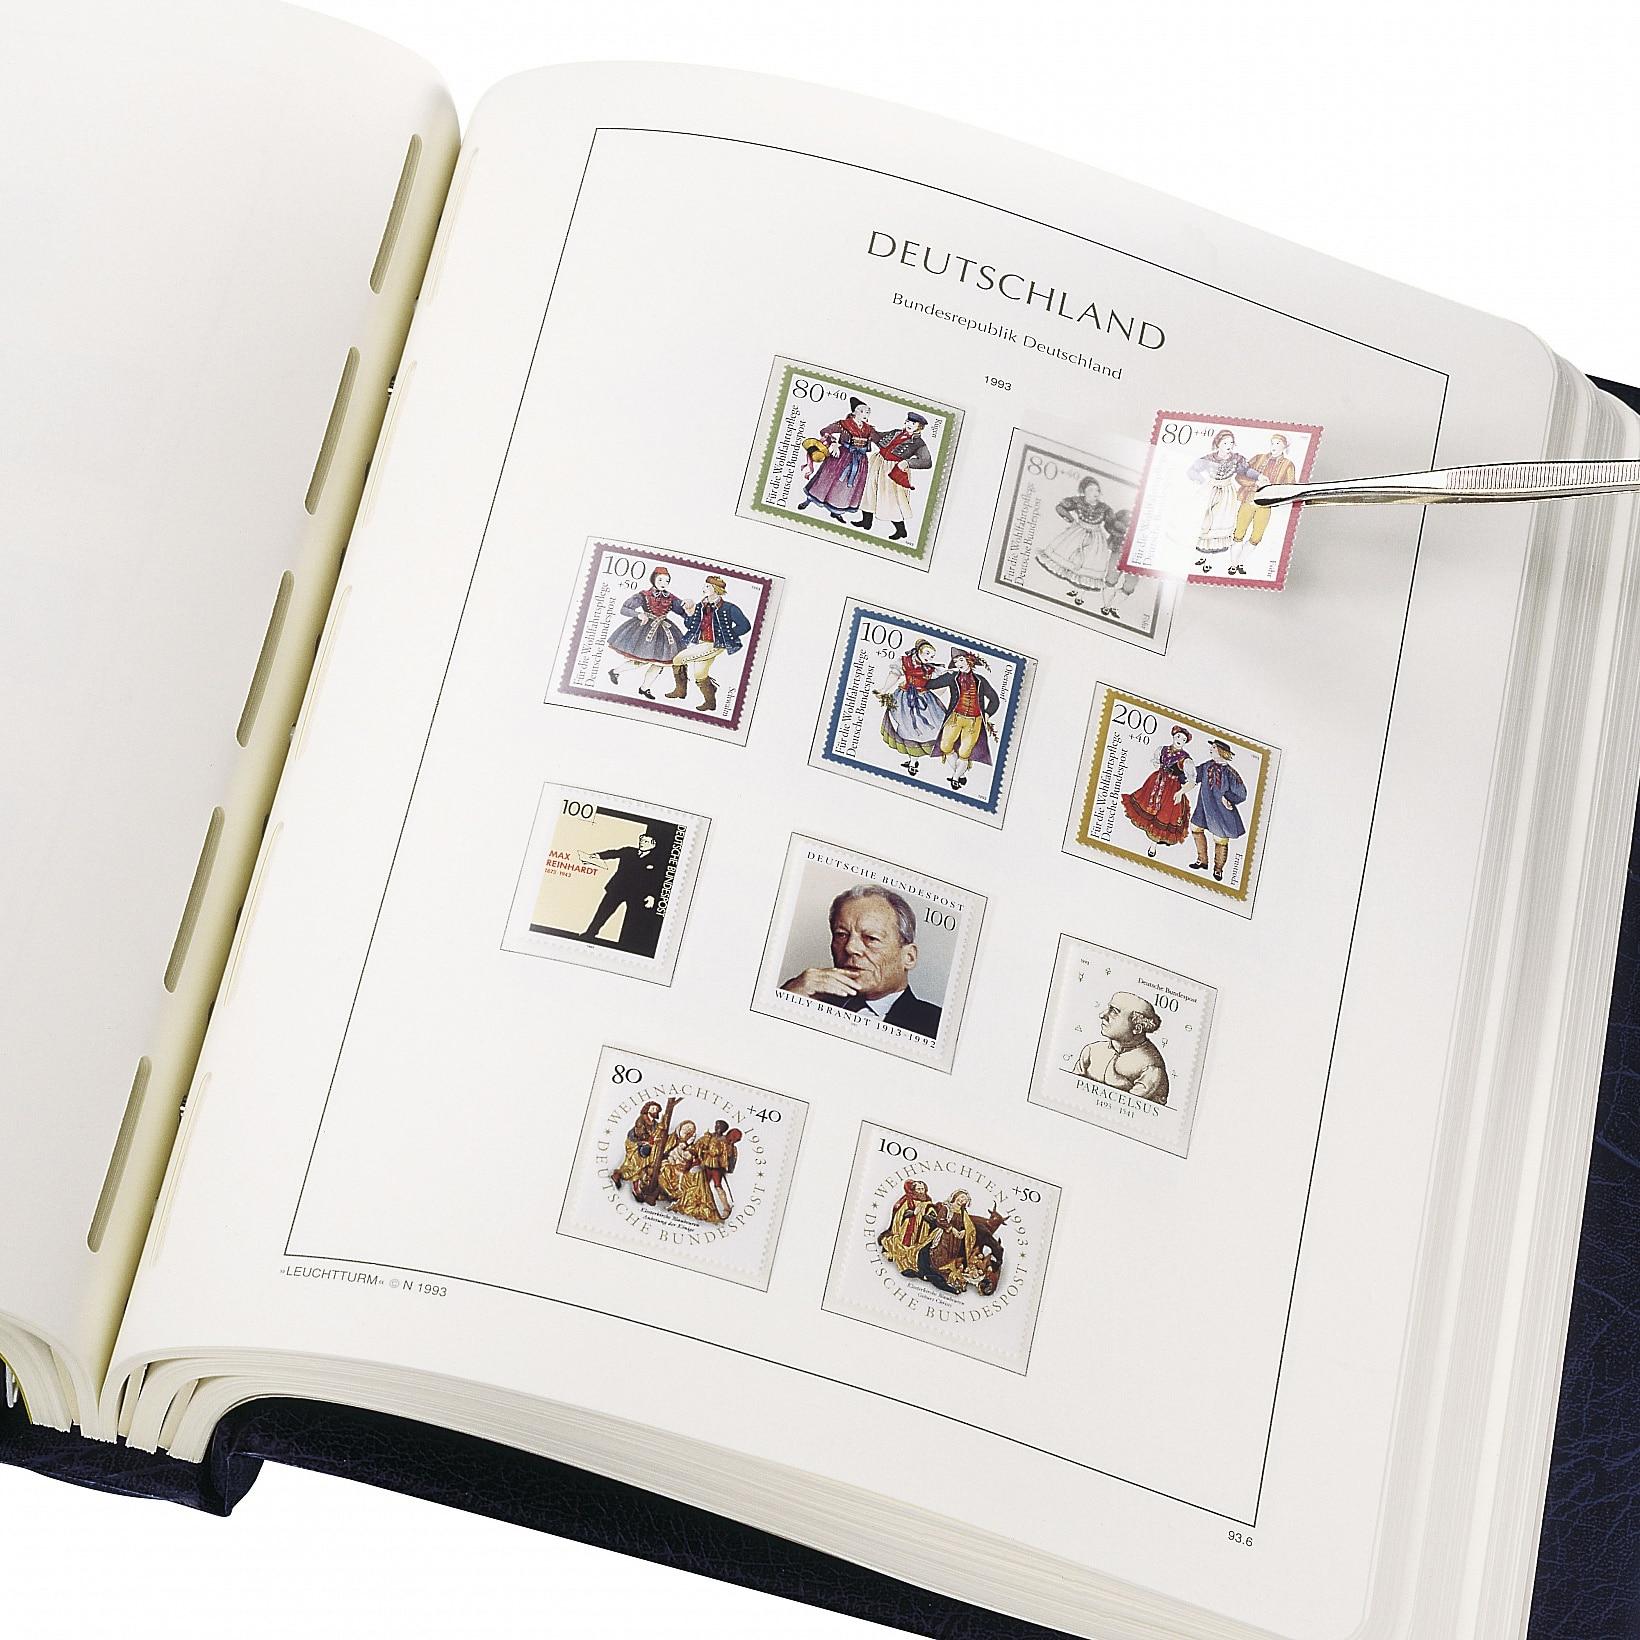 leuchtturm-sf-pre-printed-album